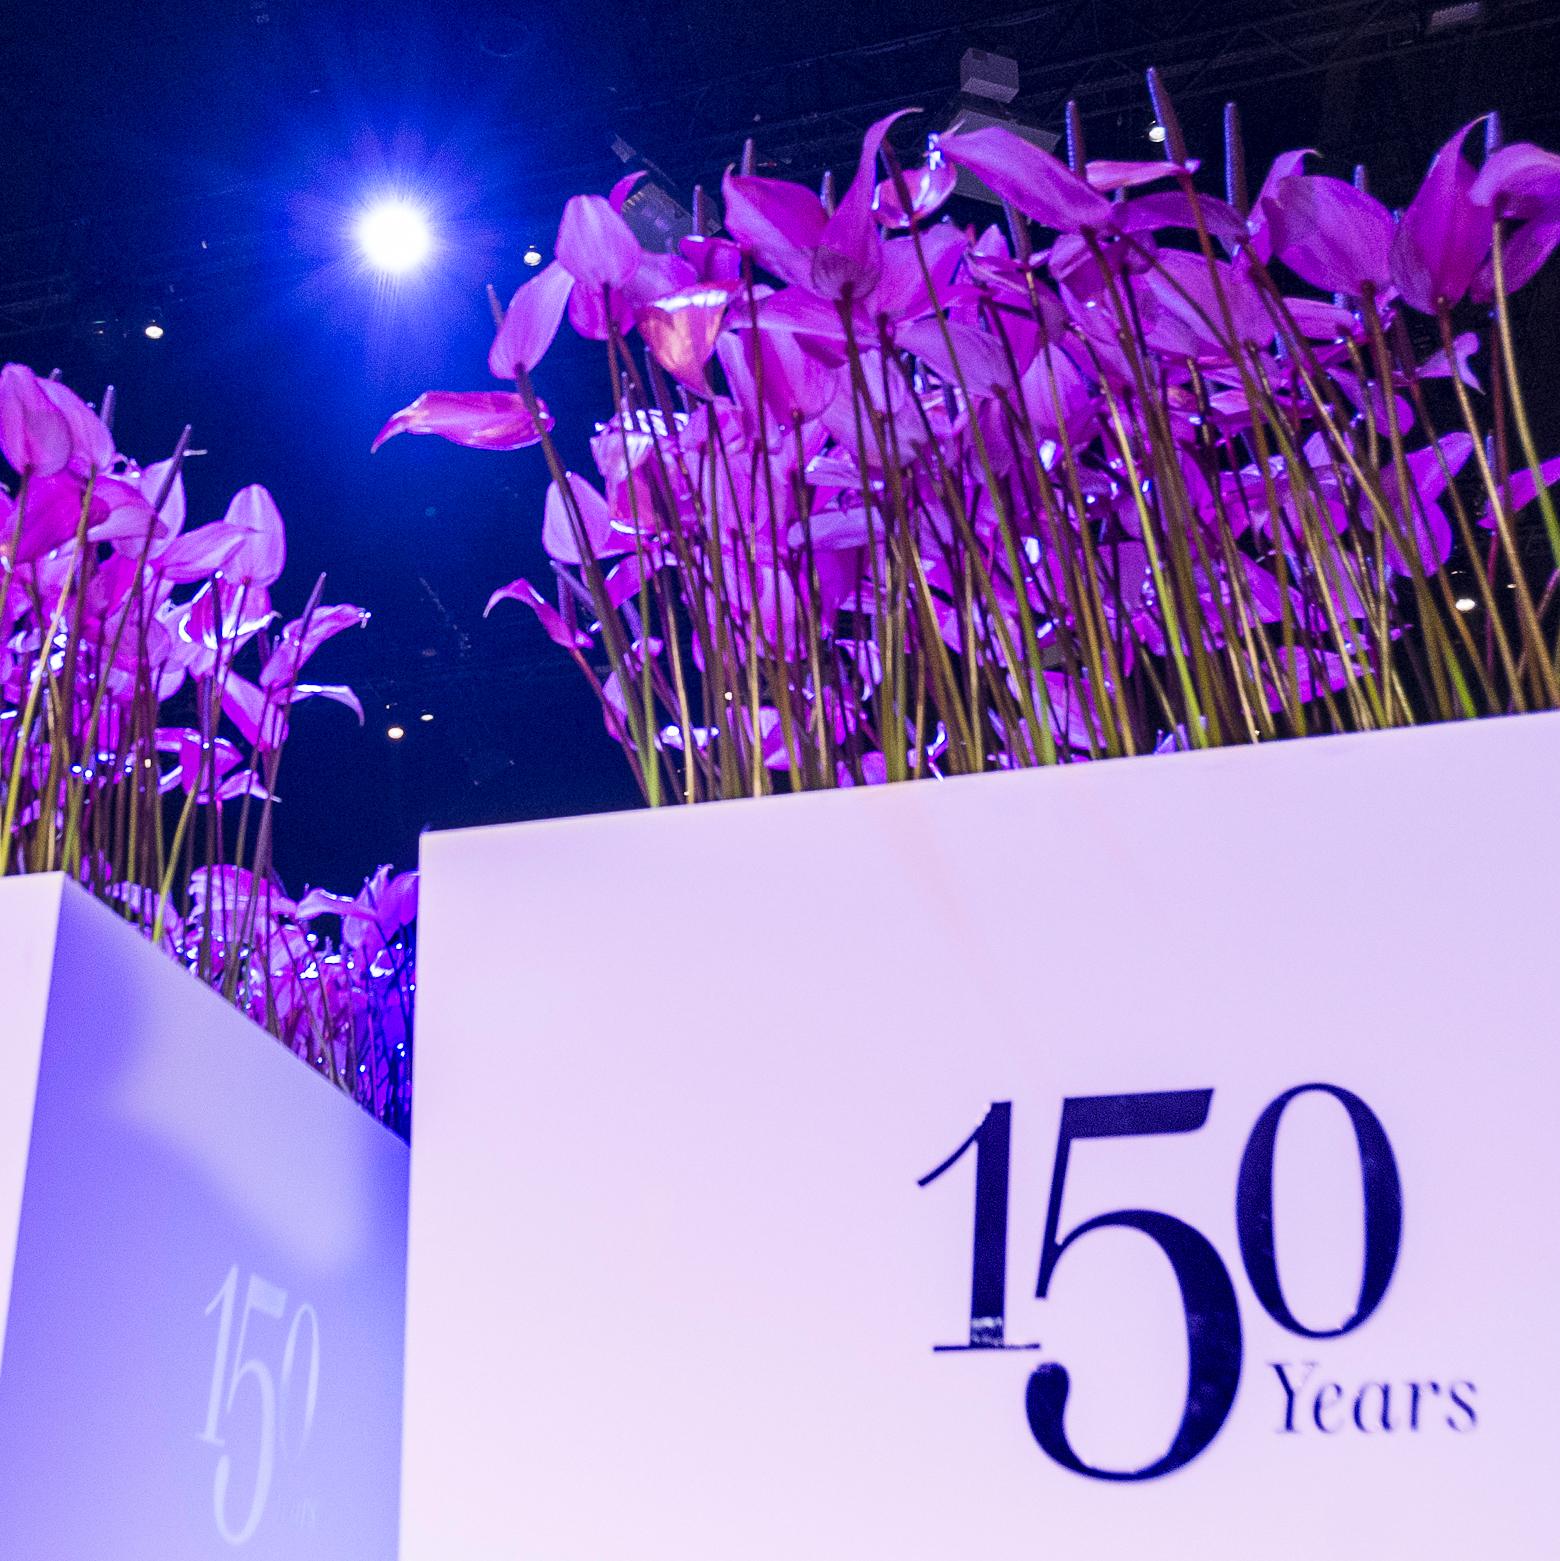 UBS 150 Jahre Jubiläum Dekoration